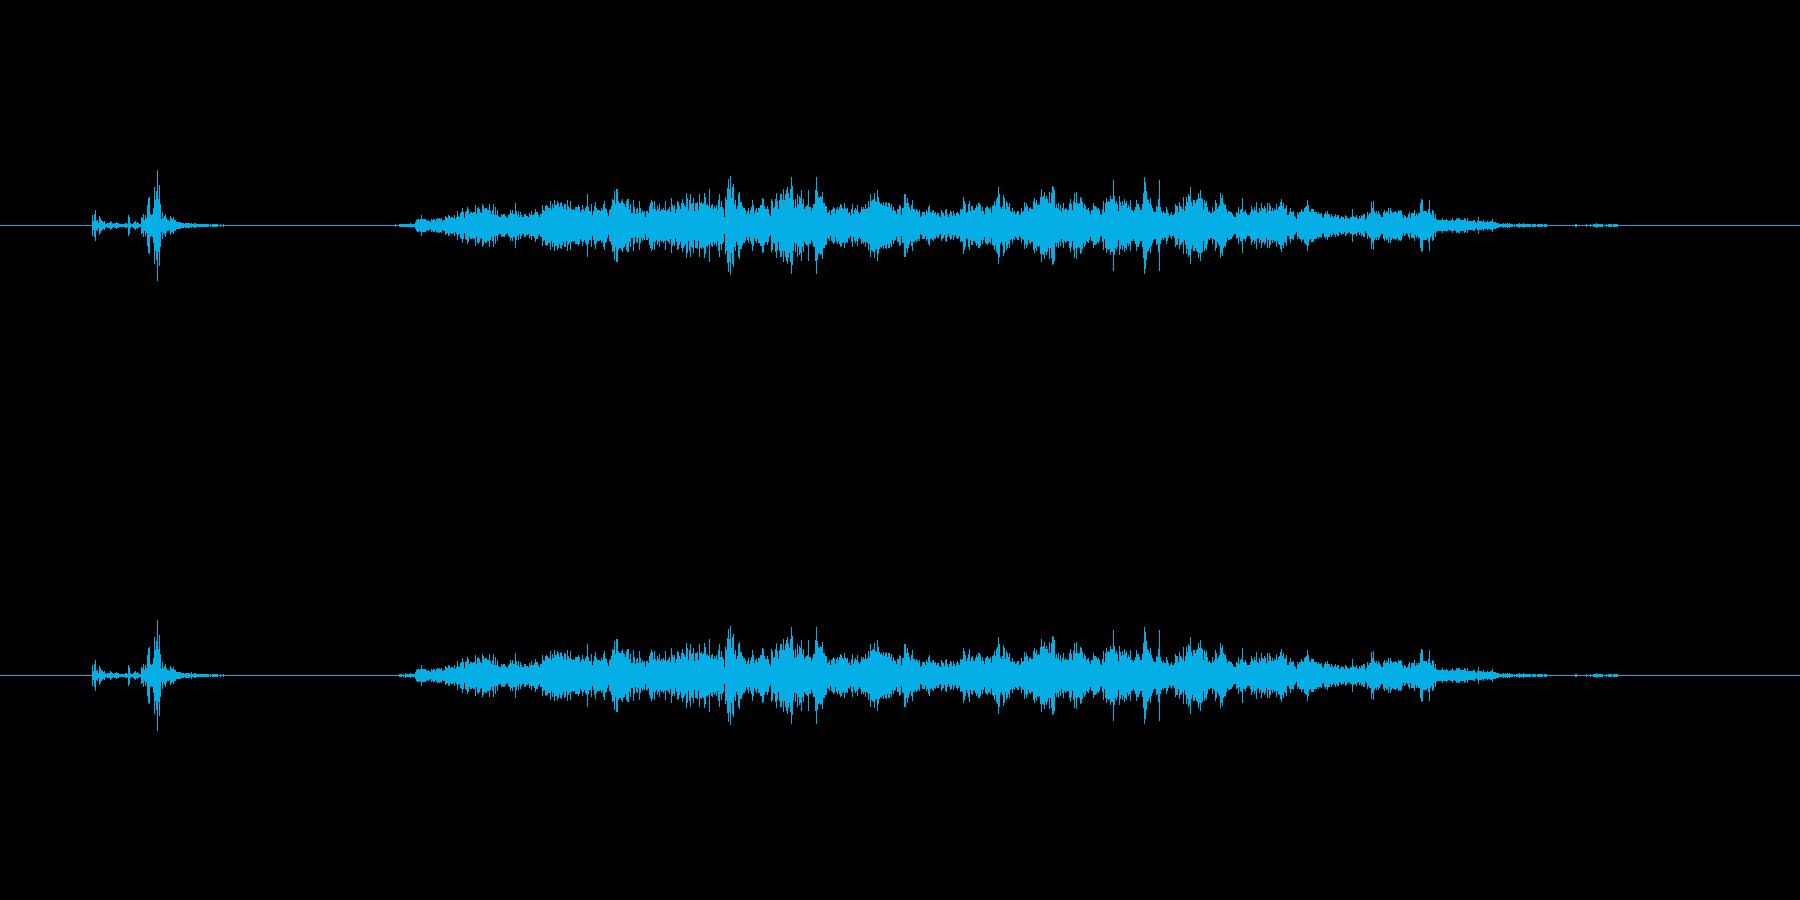 【カッター02-7(切る 段ボール)】の再生済みの波形